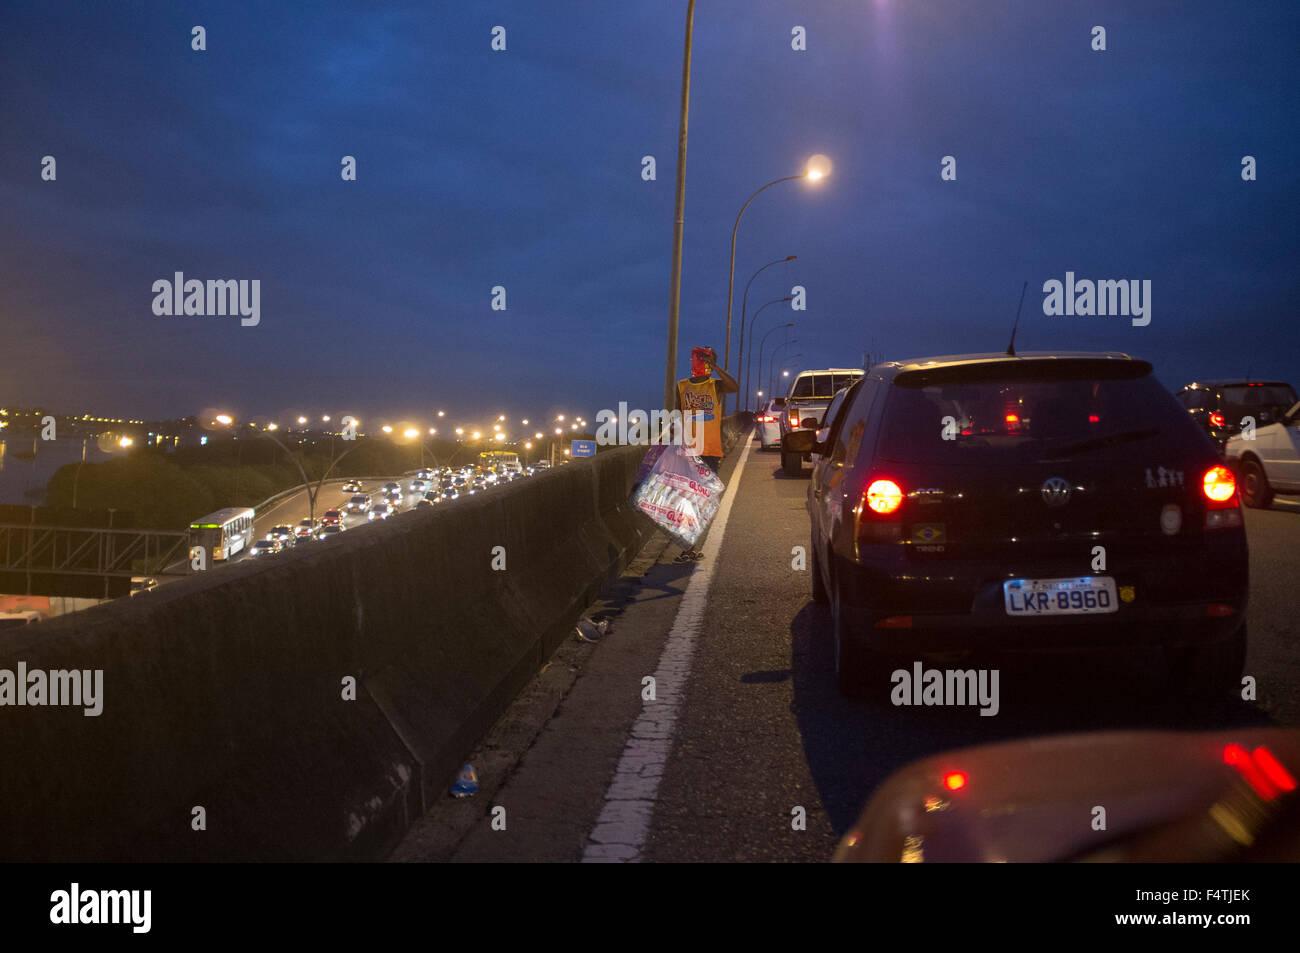 Street vendor work at Linha Vermelha expressway traffic jam in Rio de Janeiro. - Stock Image